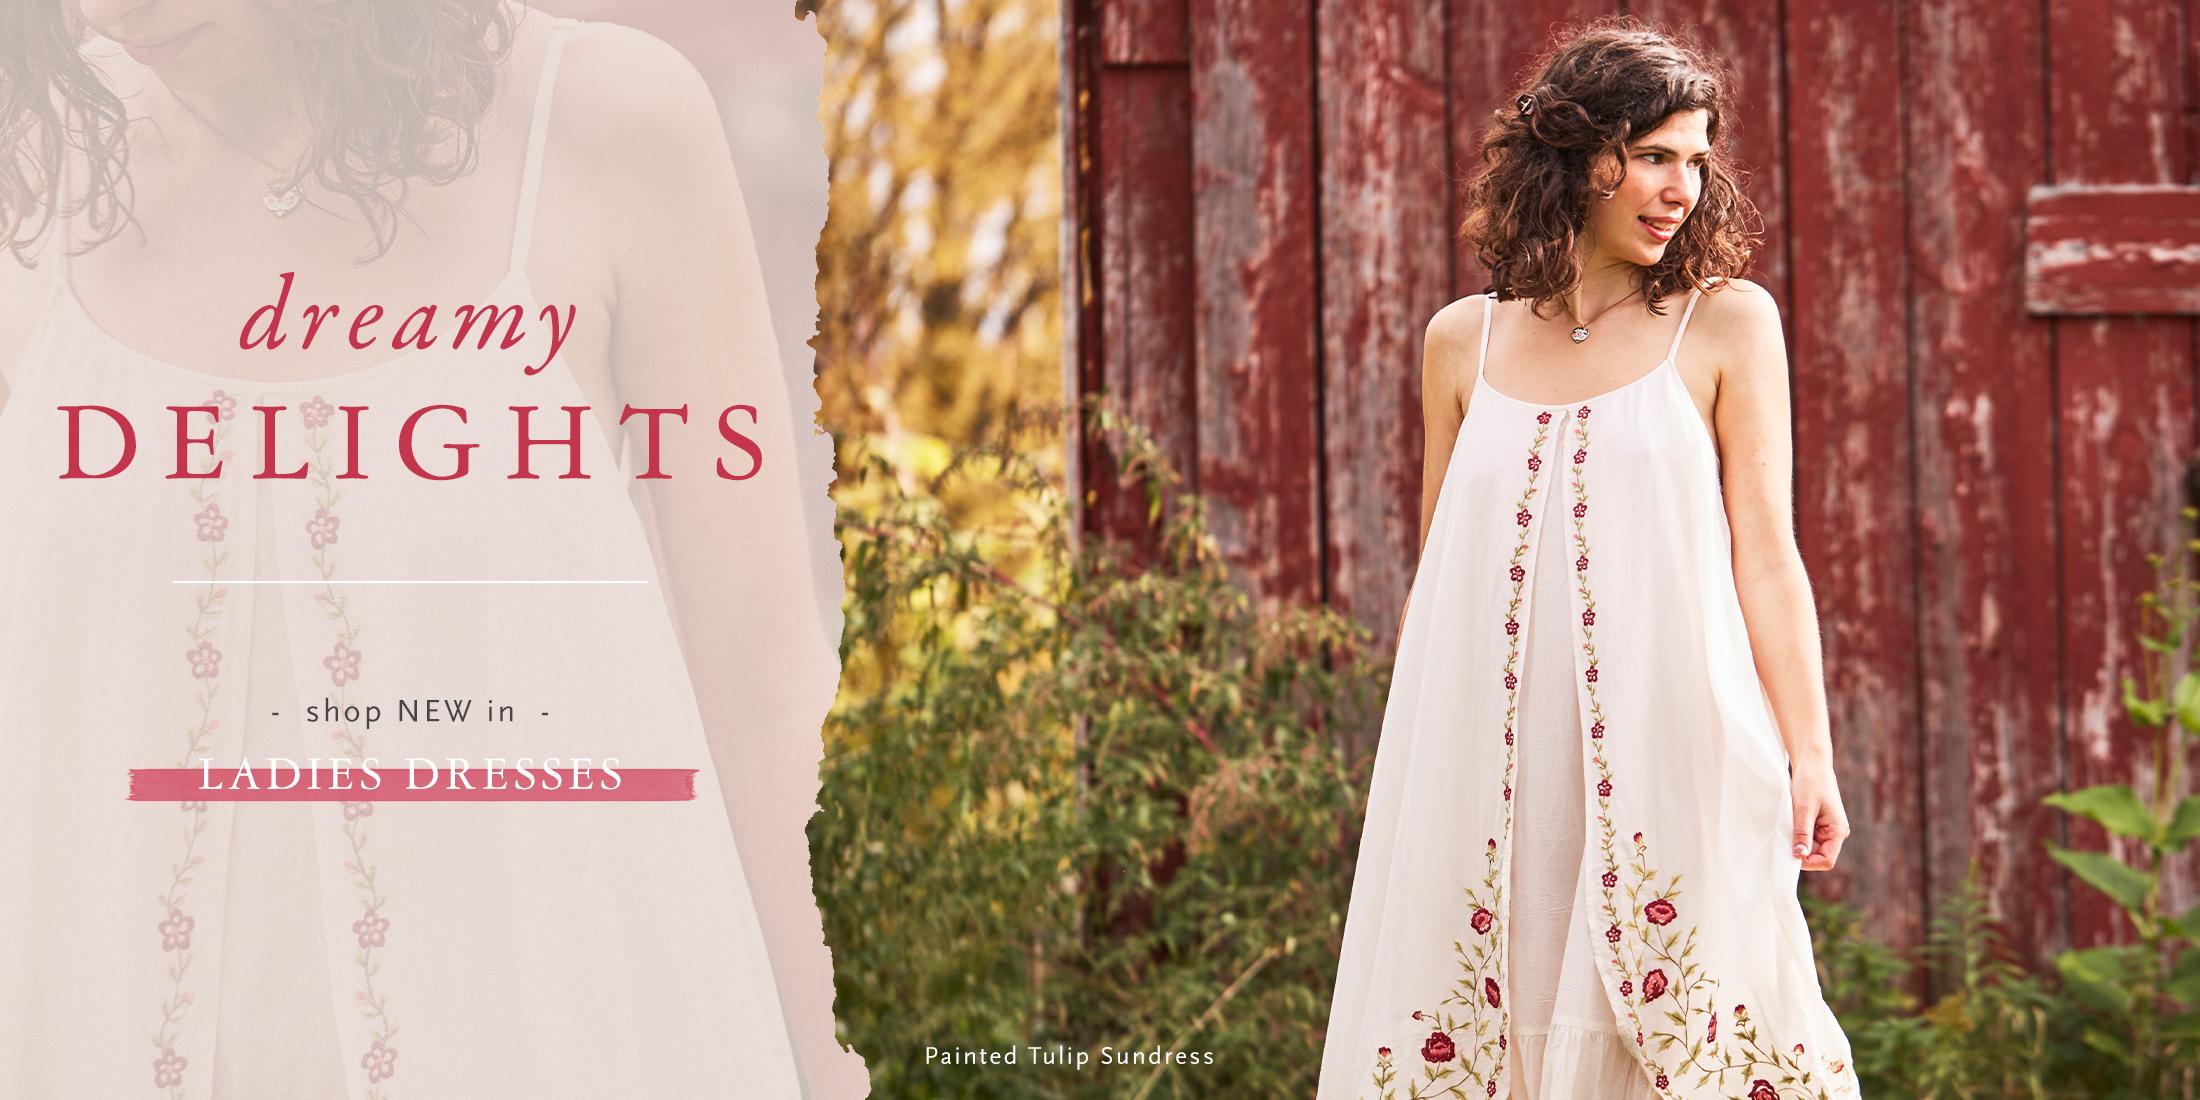 Painted Tulip Sundress - Shop Dresses